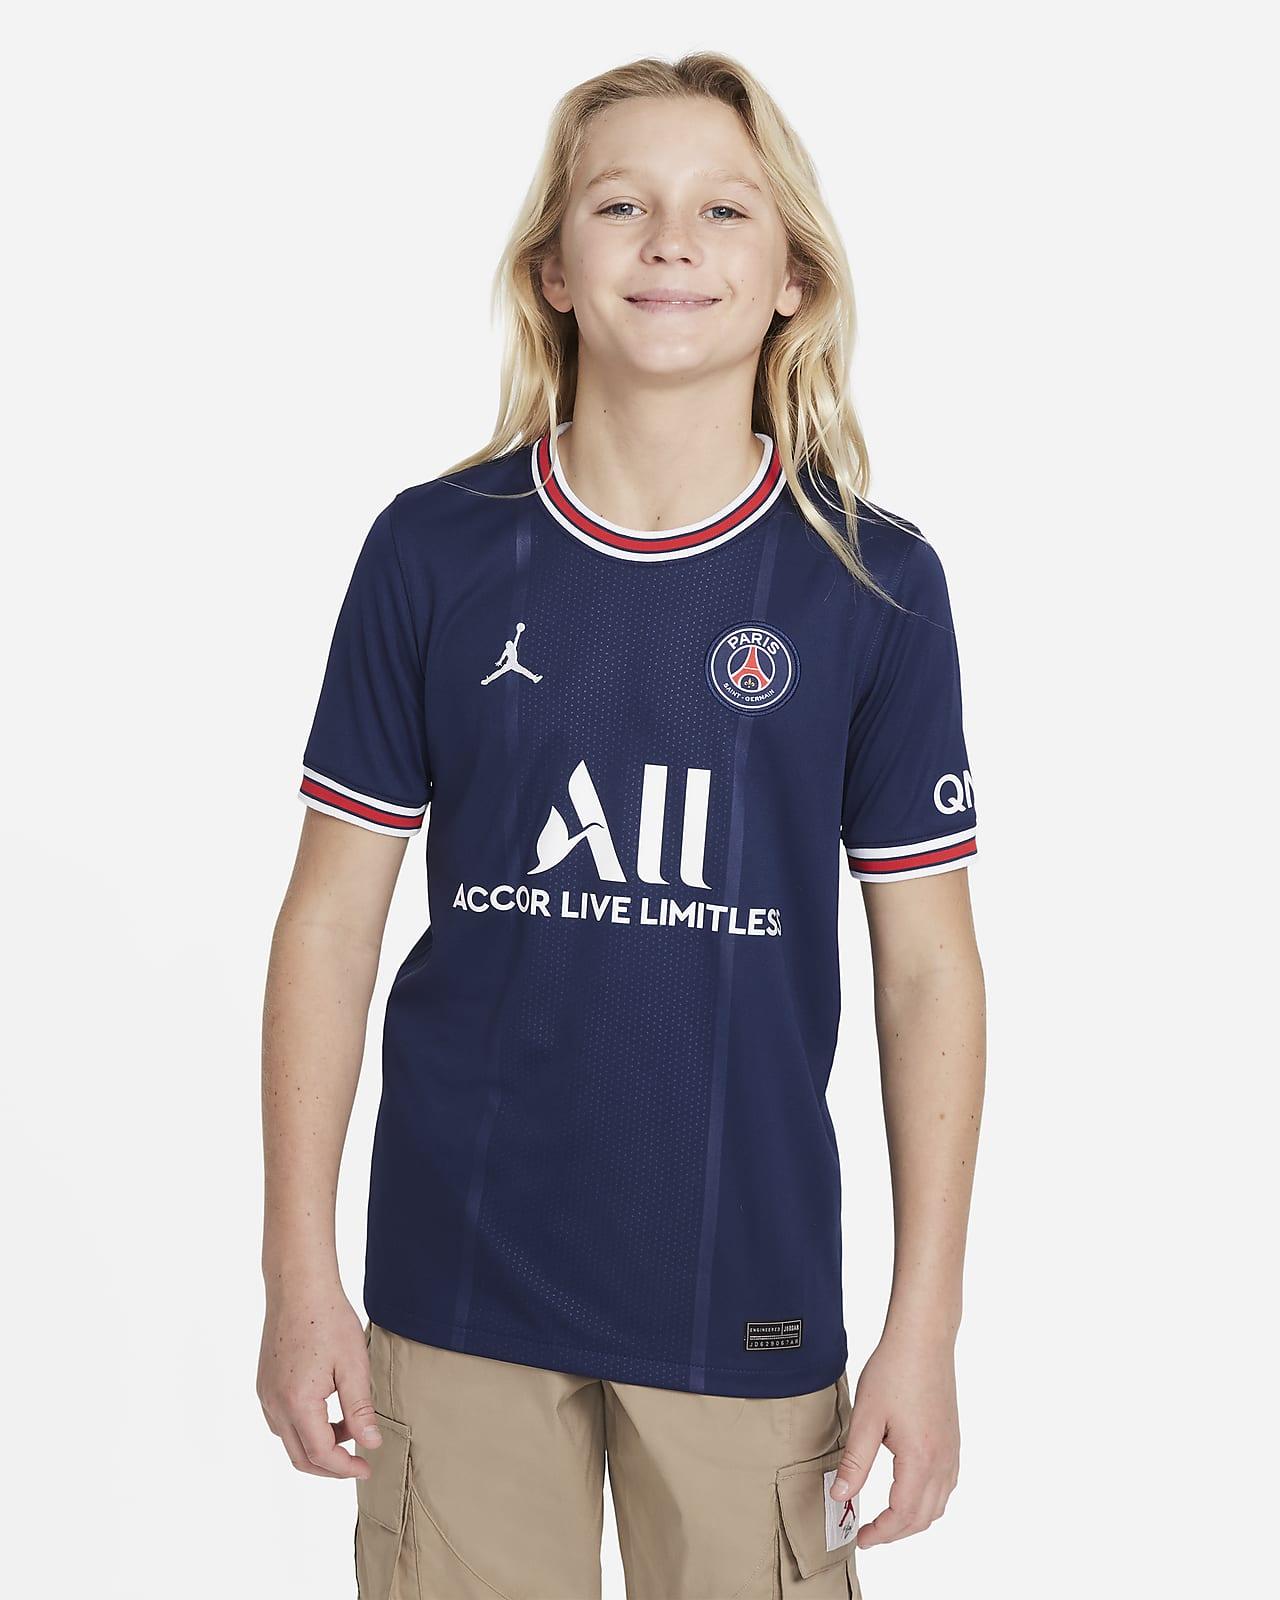 เสื้อแข่งฟุตบอลเด็กโต Paris Saint-Germain 2021/22 Stadium Home